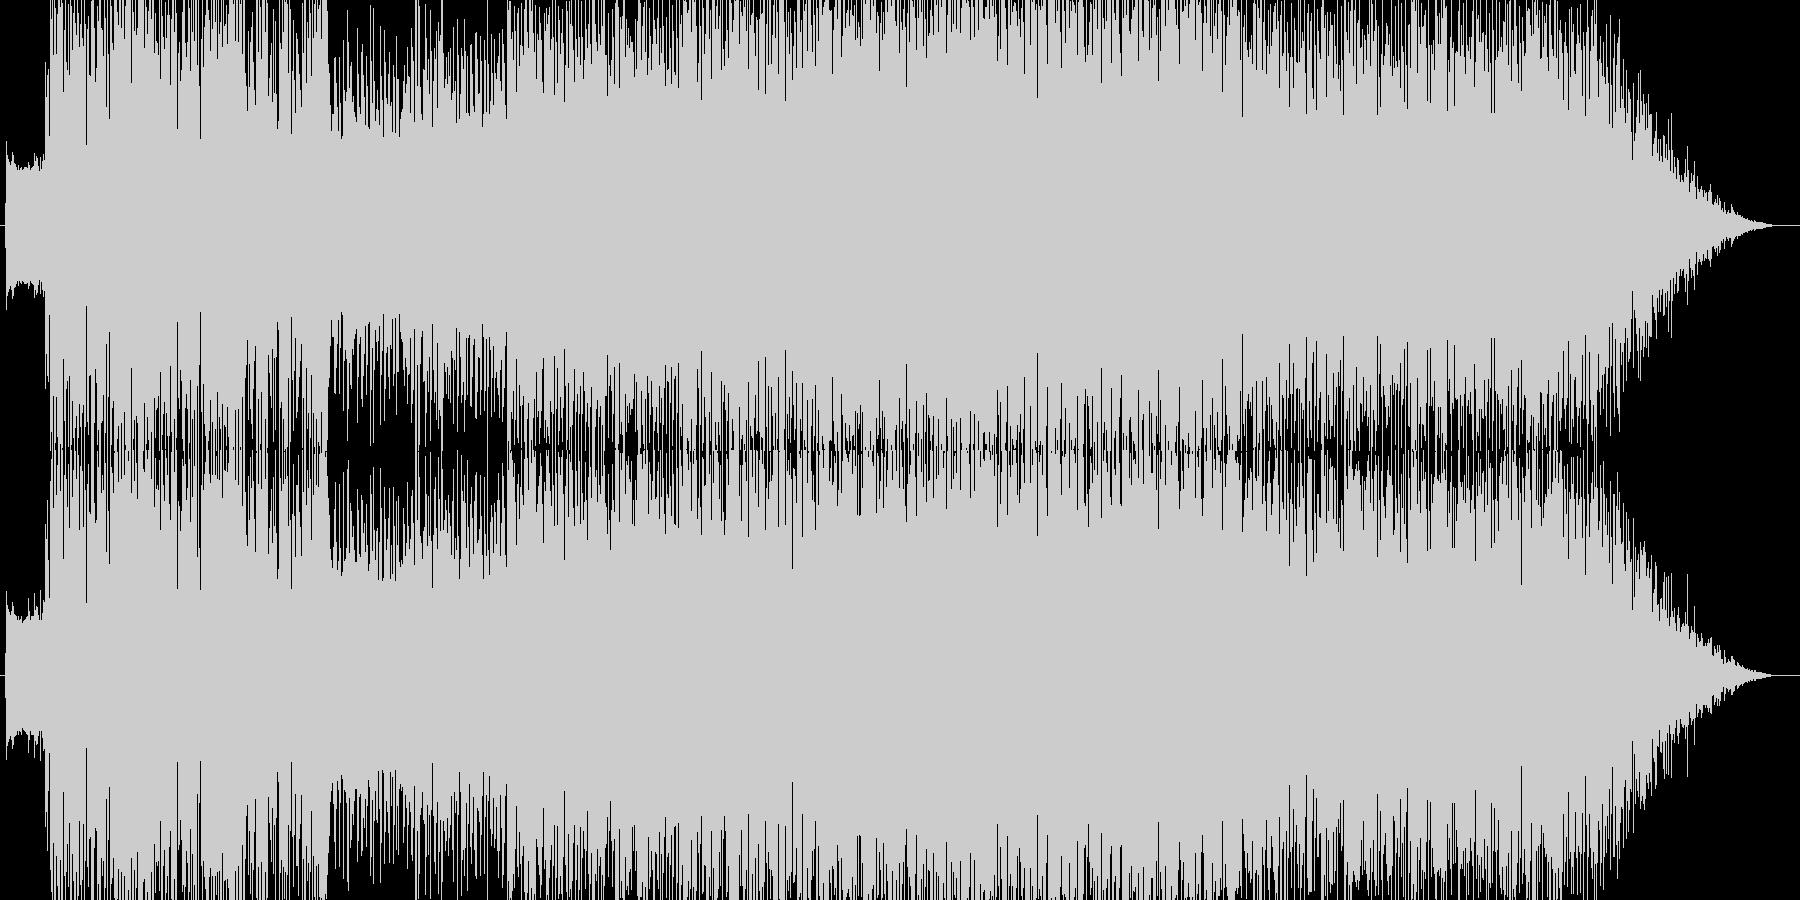 宇宙空間をイメージしたデジタルロックの未再生の波形